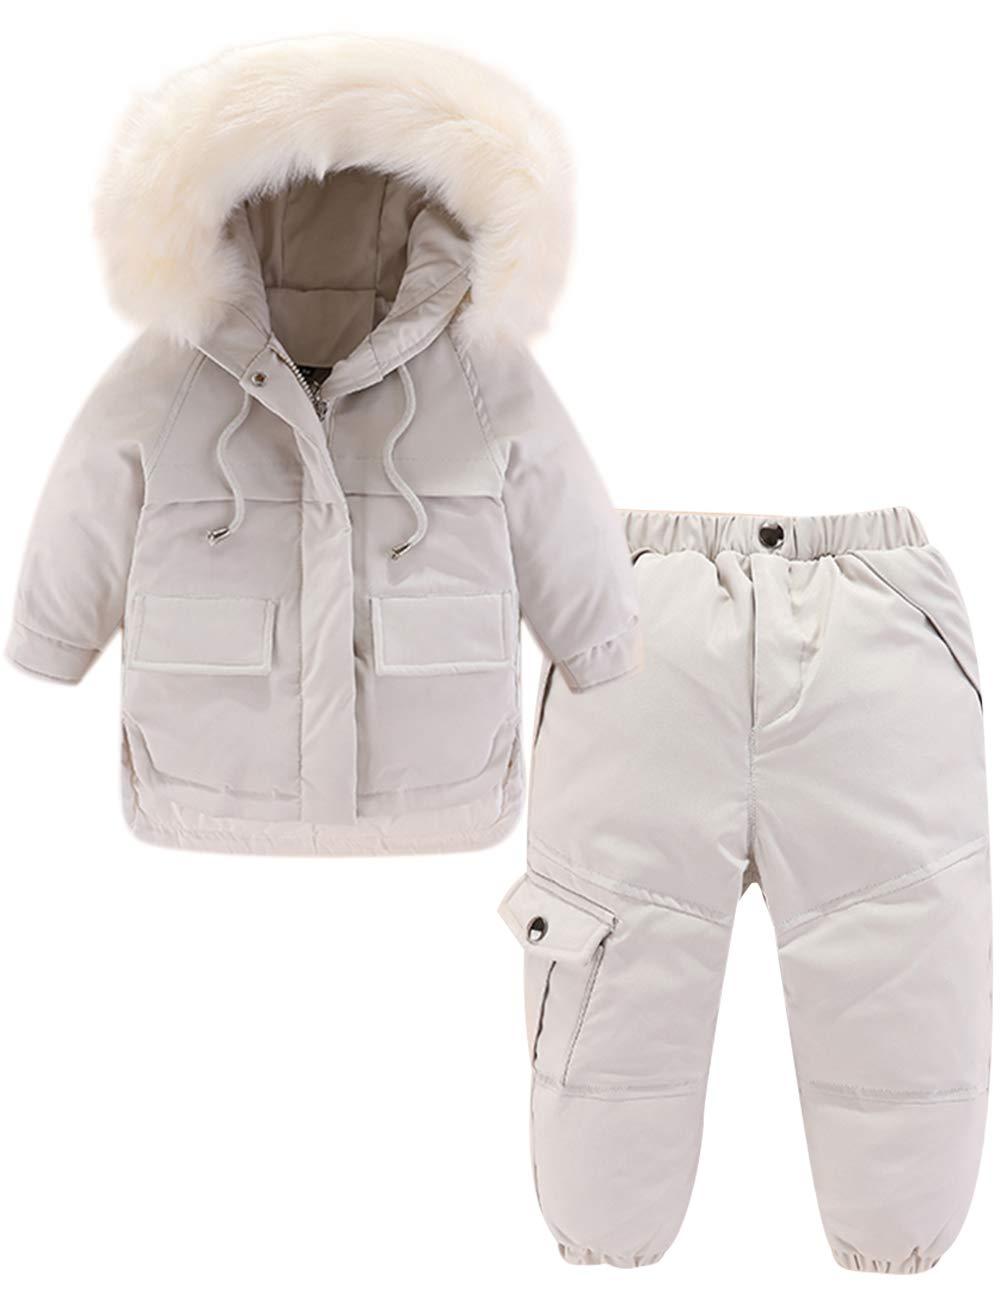 Zoerea Baby Daunenanzug Set Junge Mädchen Bekleidungsset 2tlg Mit Kaputze Verdickte Winterjacke + Daunenhose Kinderskianzug